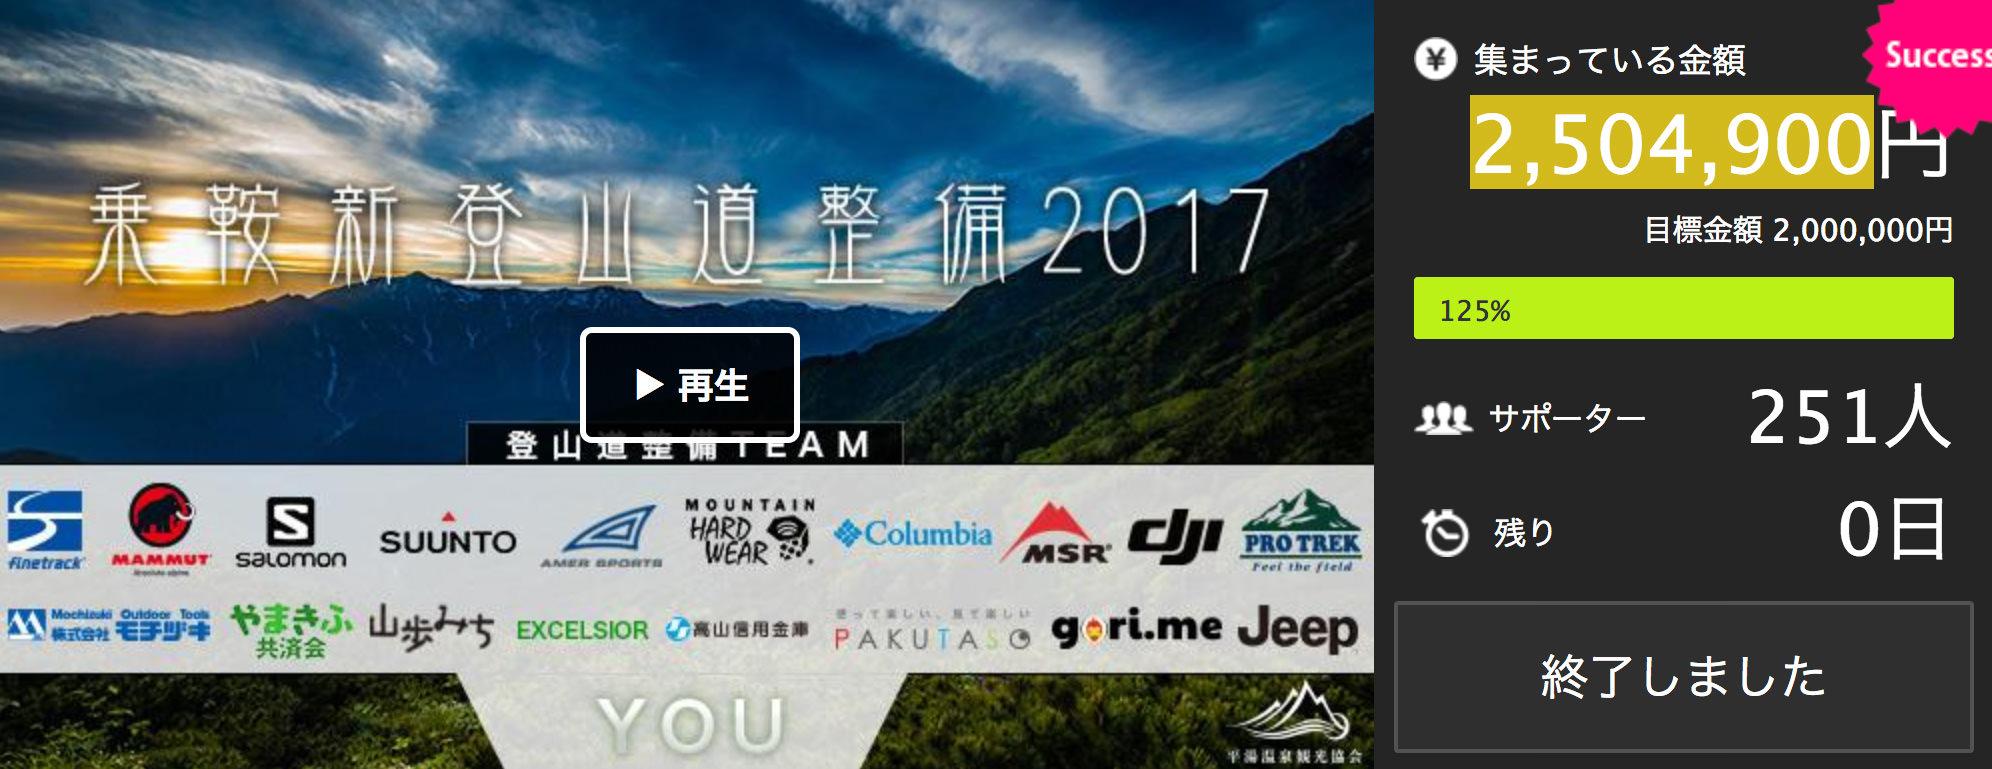 登山道整備クラウドファンディング